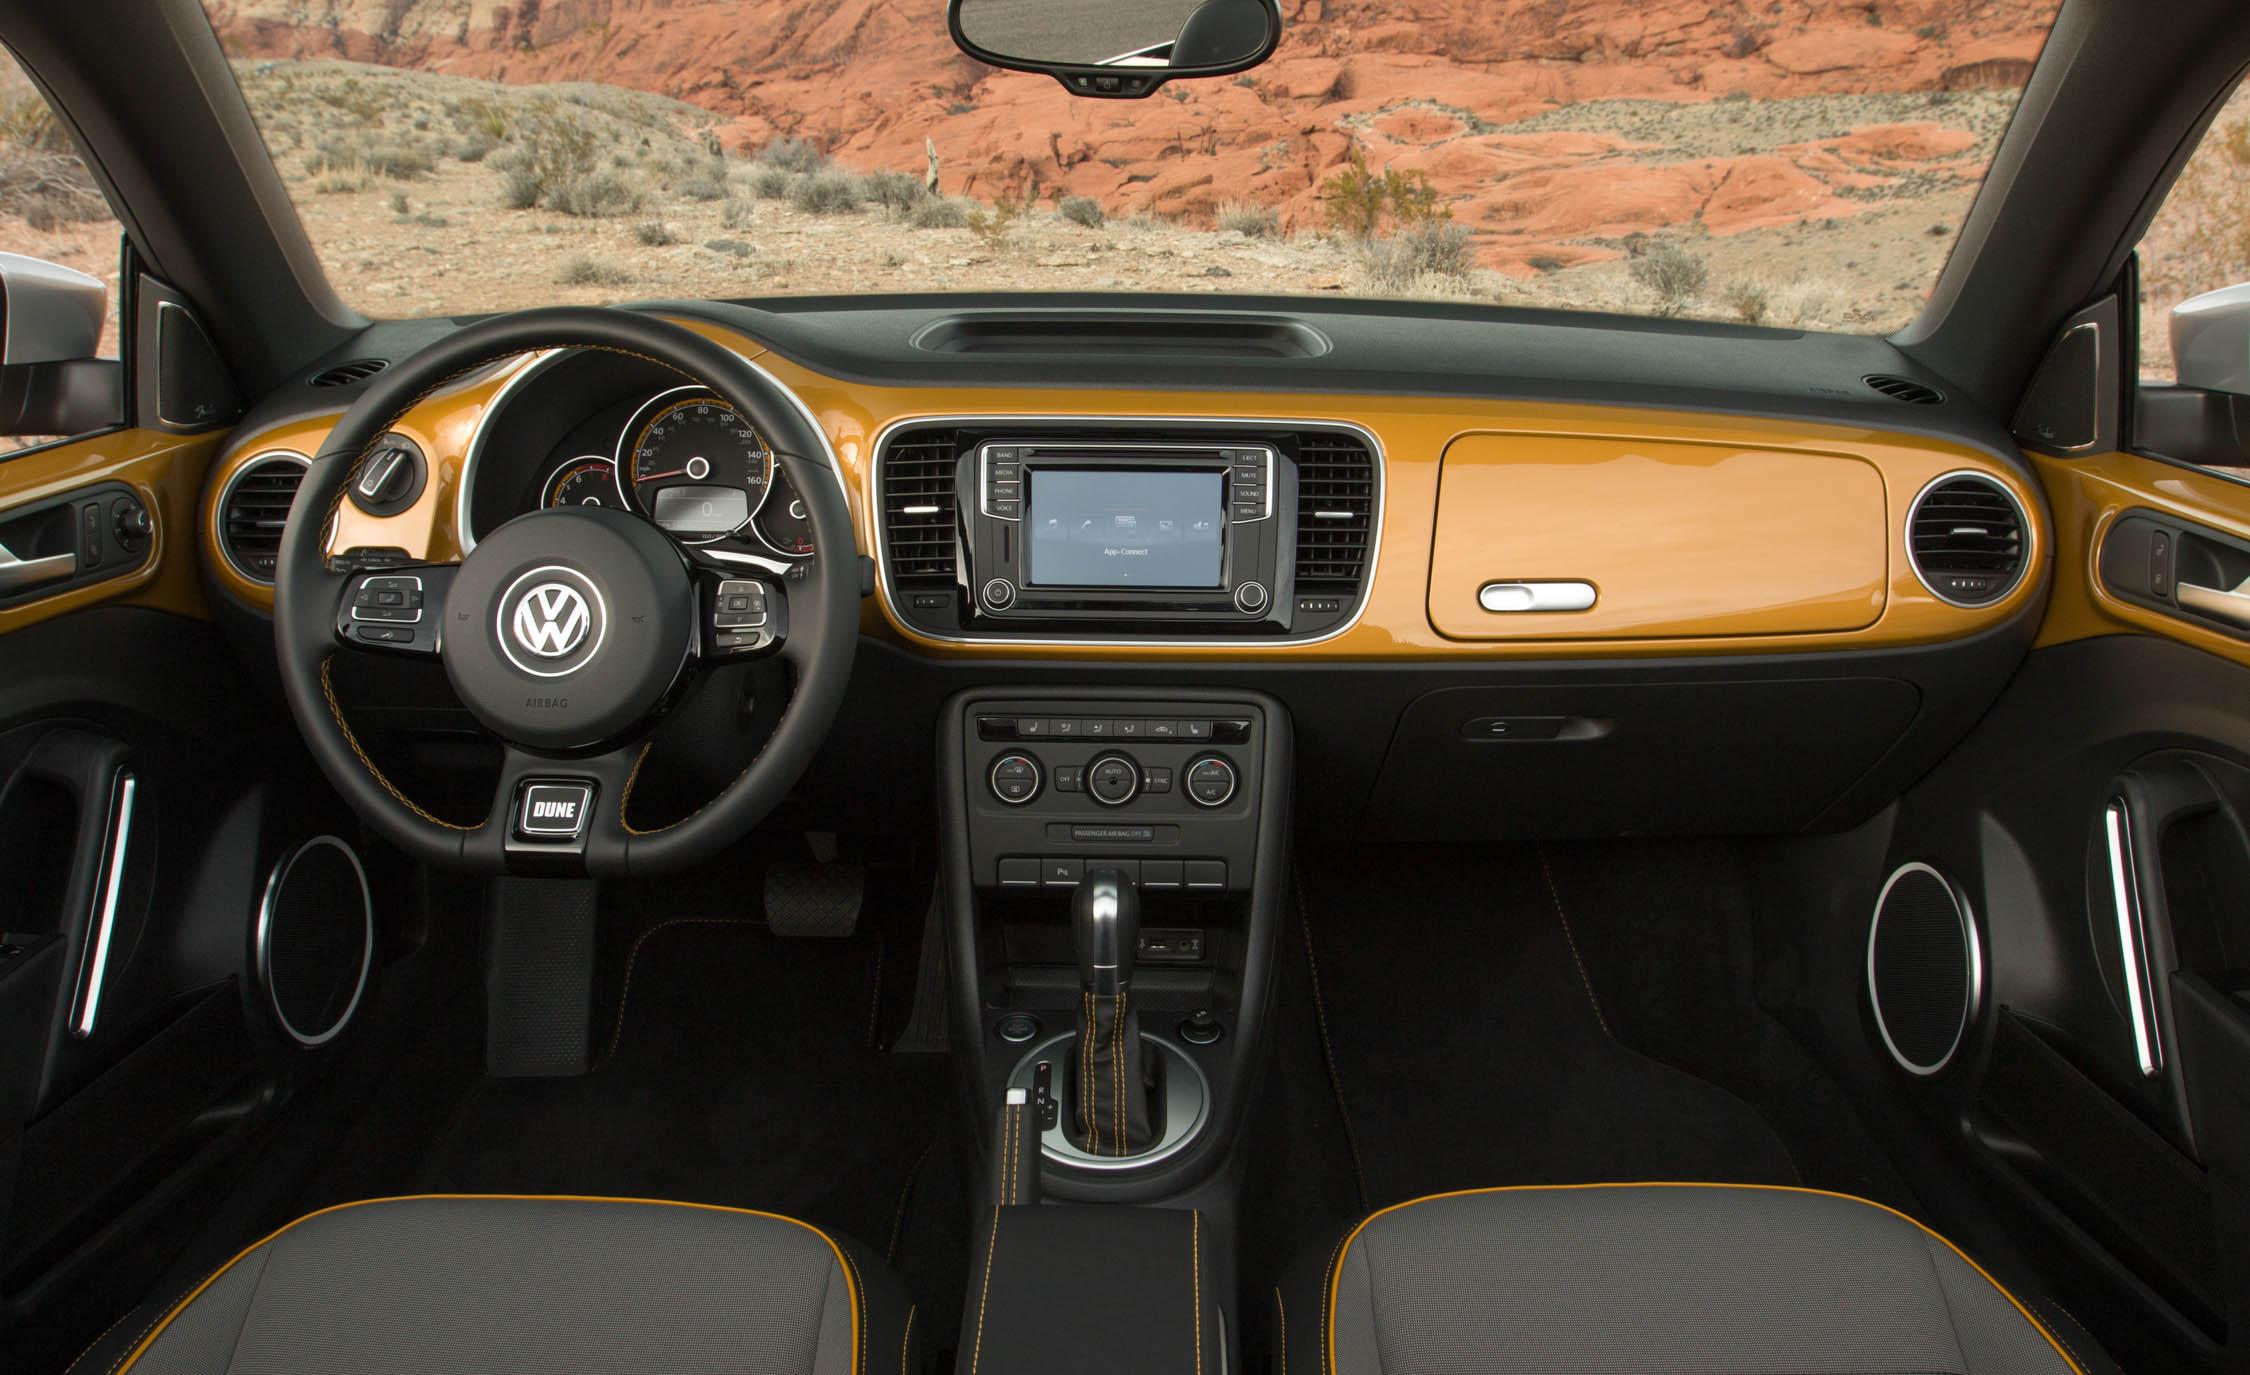 2016 Volkswagen Beetle Dune Interior Dashboard